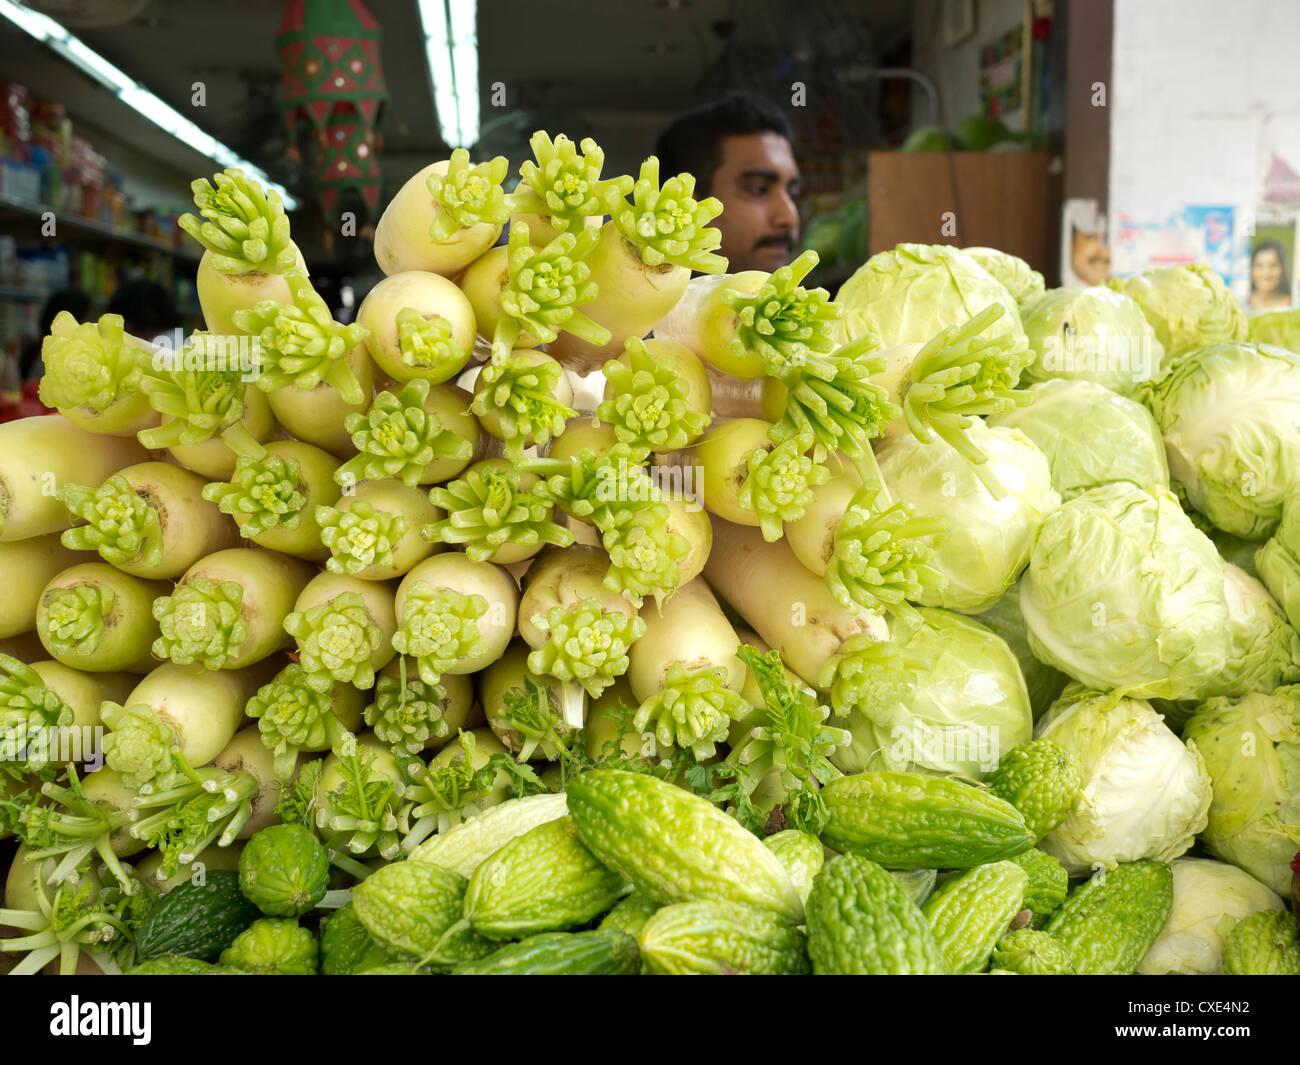 Les fruits et légumes, marché, Chinatown, Singapour, Asie Photo Stock